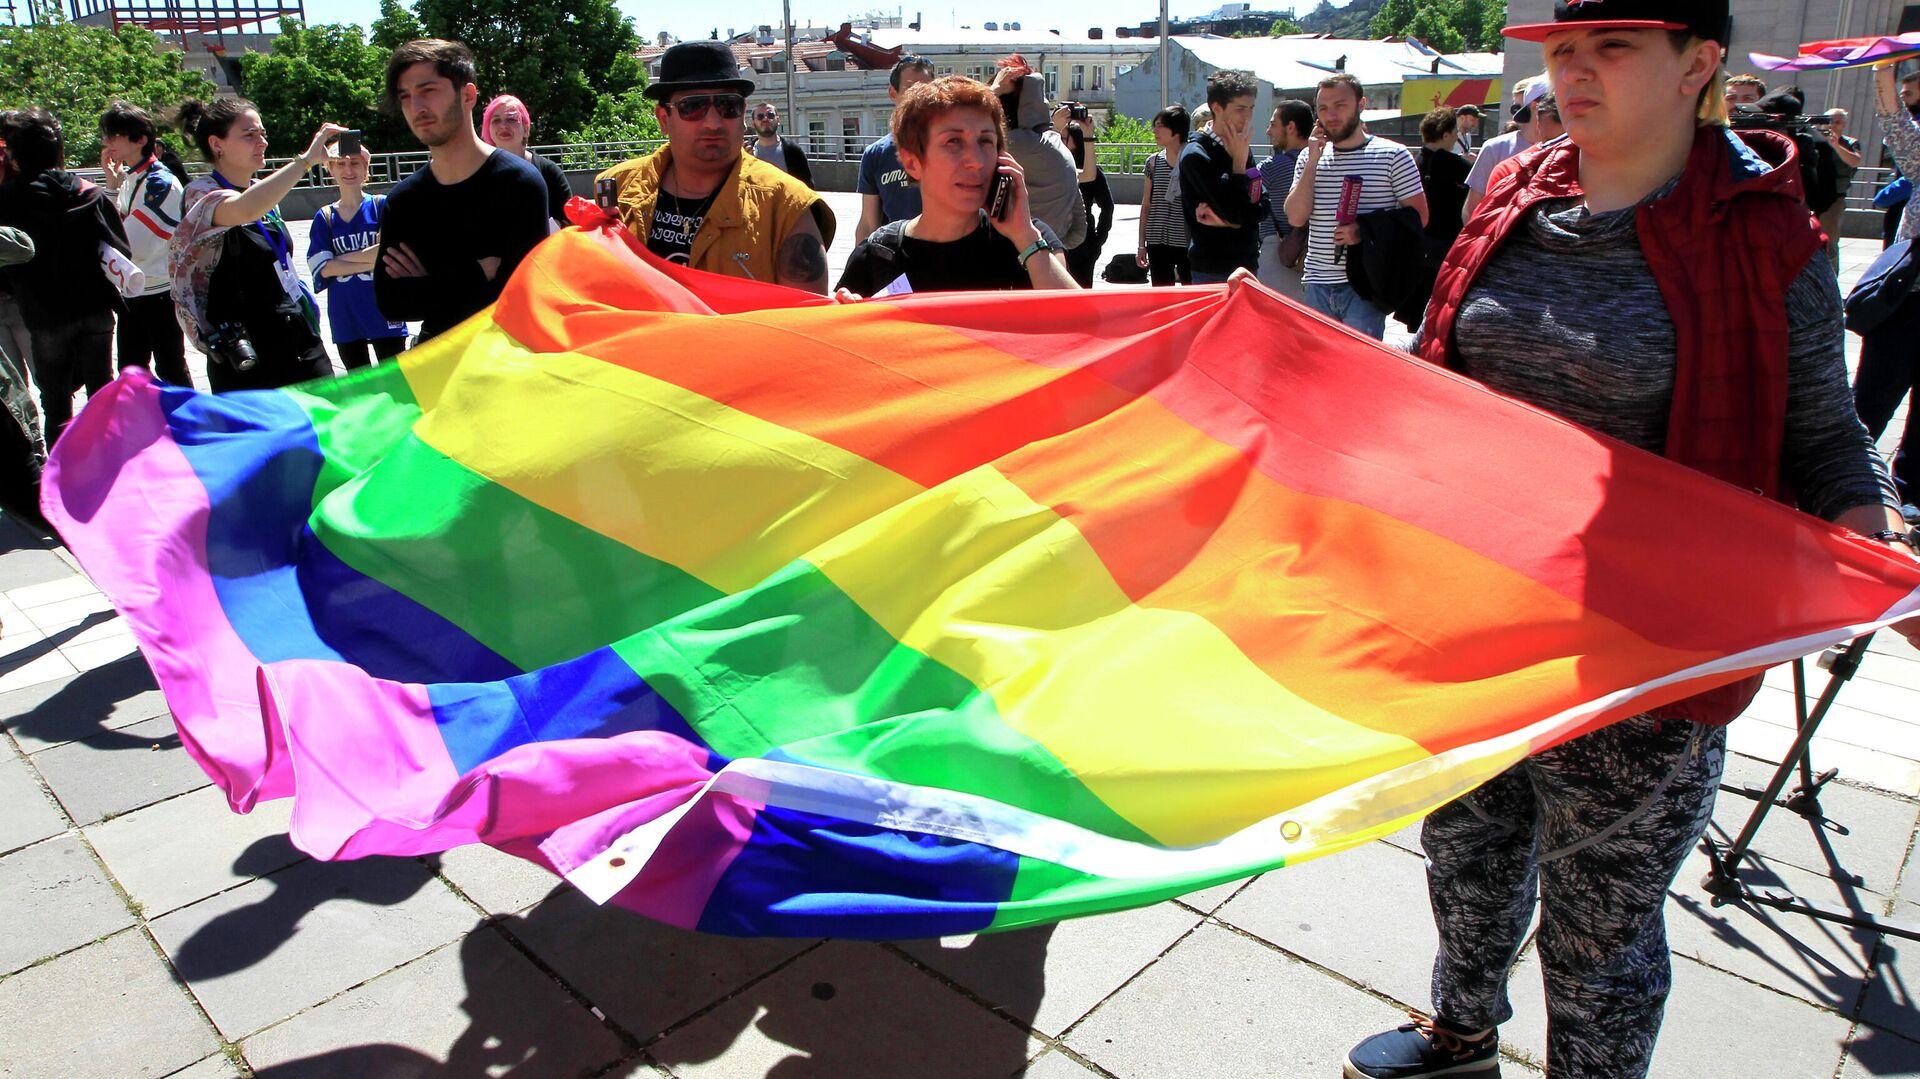 Участники акции в поддержку ЛГБТ сообщества в Тбилиси - РИА Новости, 1920, 07.07.2021